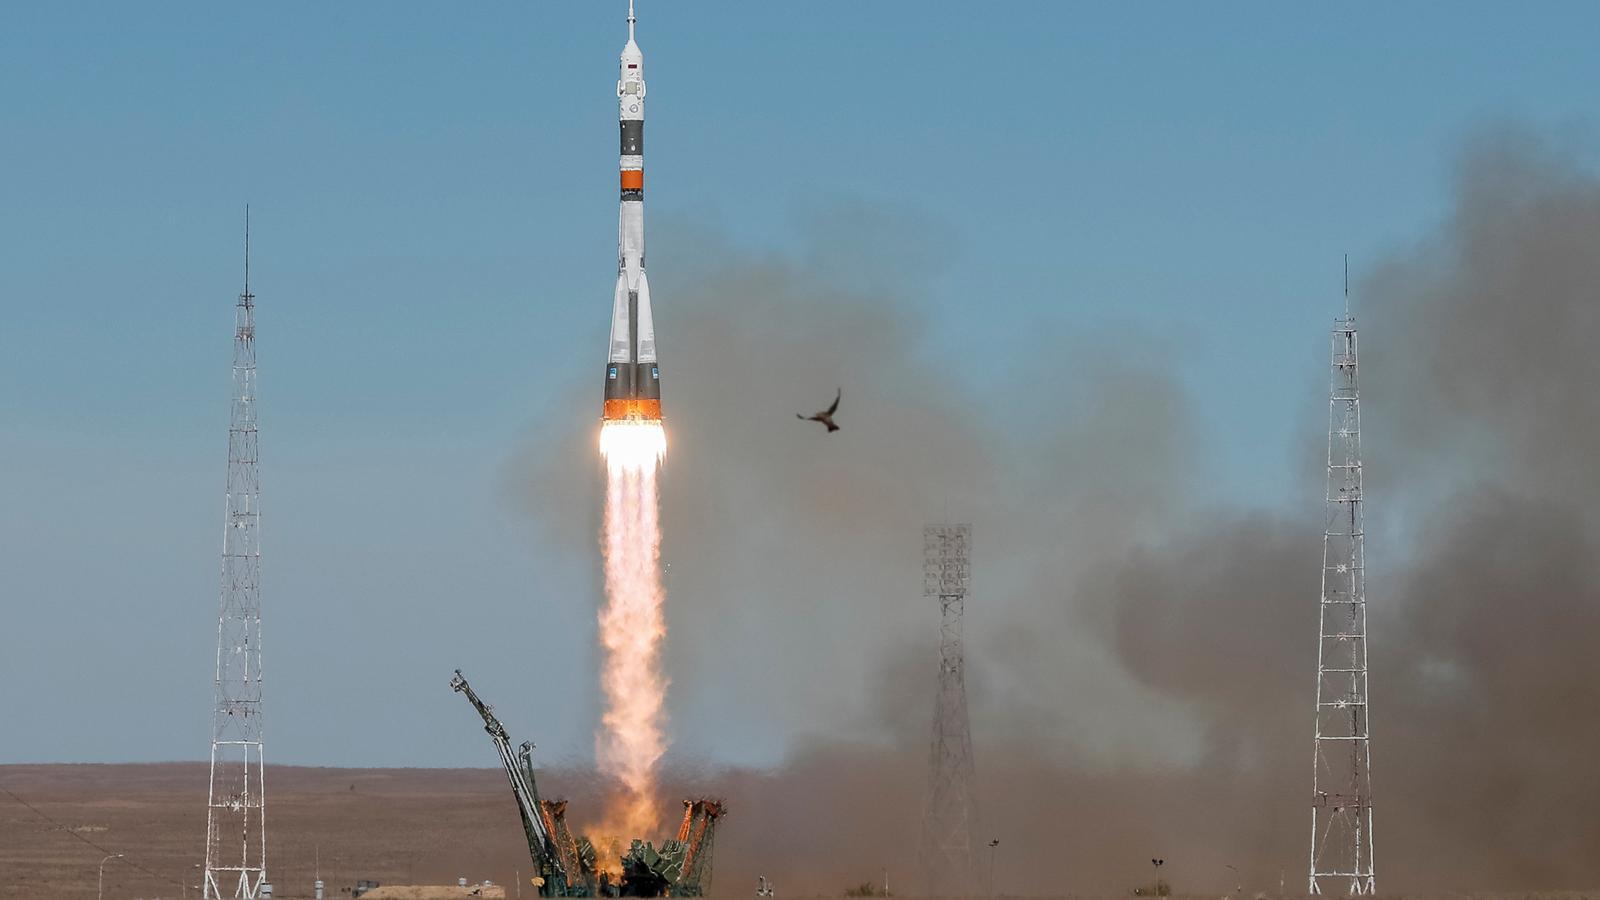 Moment de l'enlairament de la nau espacial Soyuz.